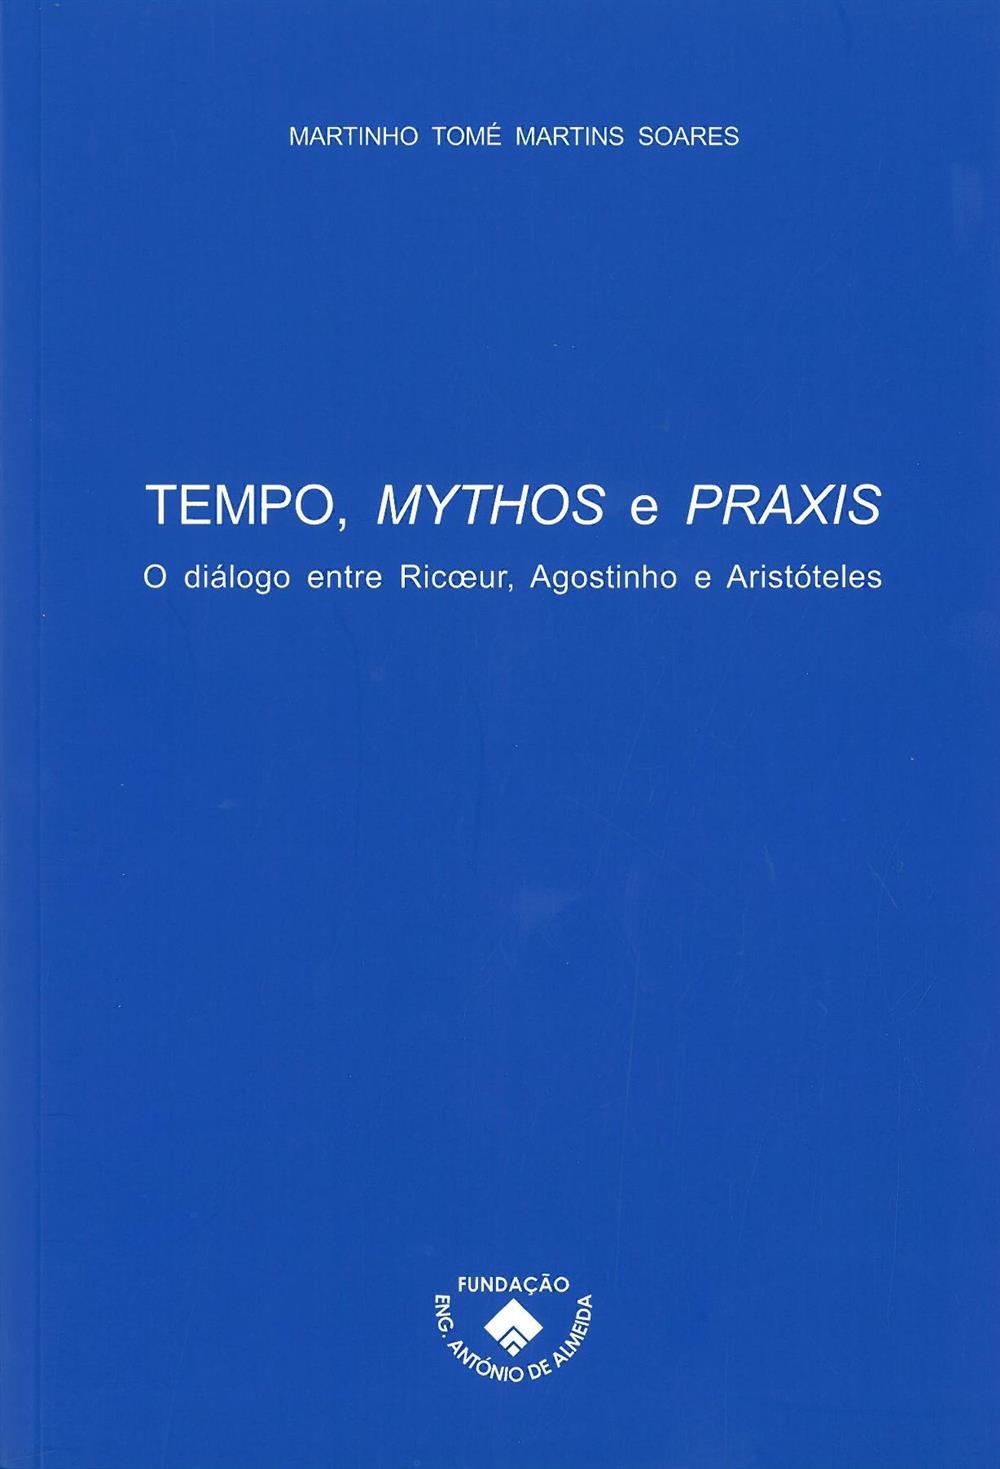 Tempo, mythos e praxis_.jpg